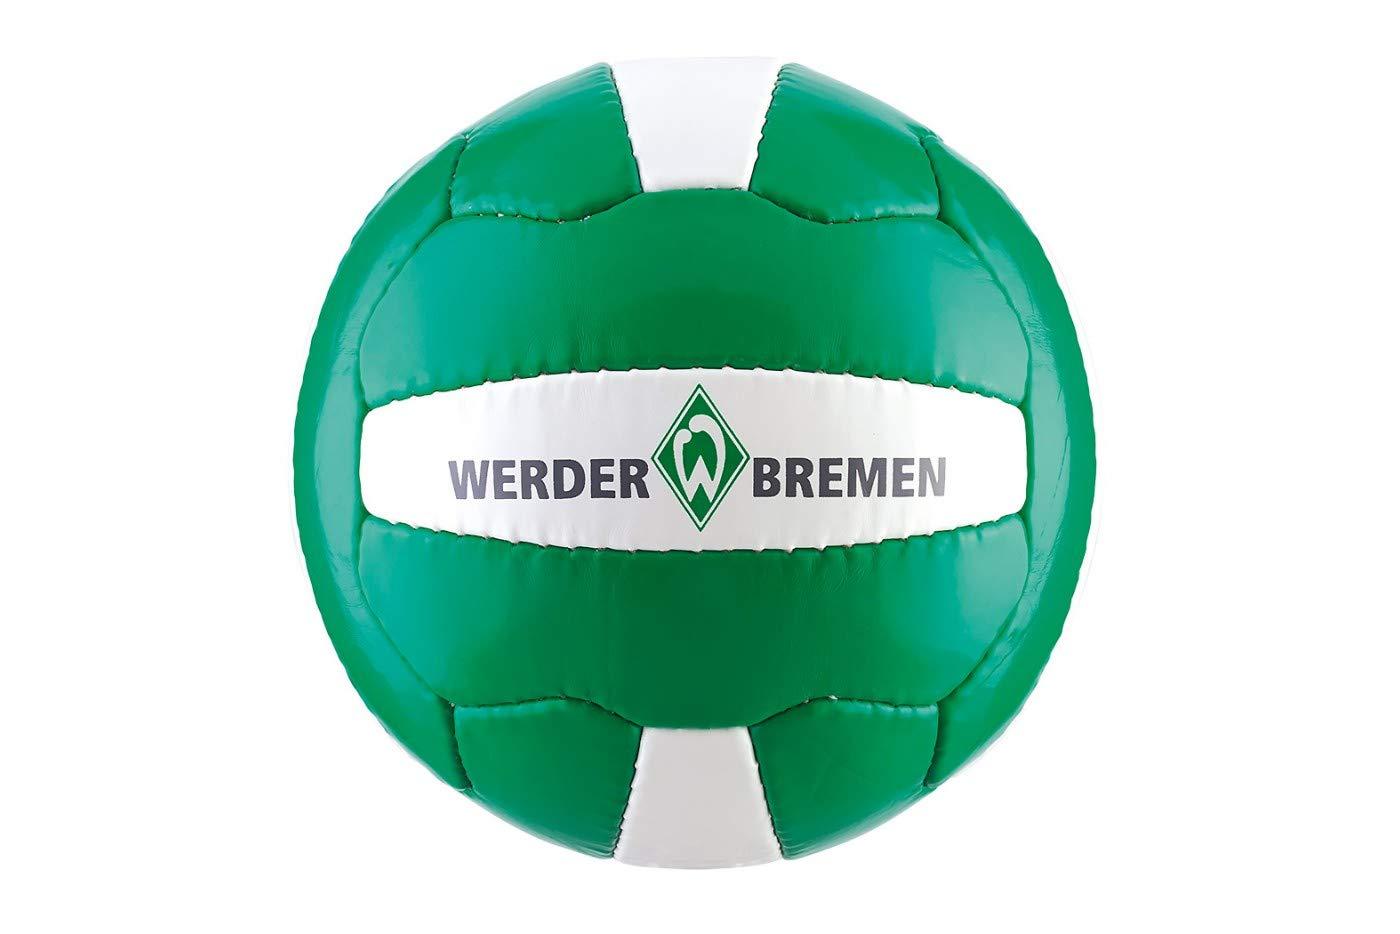 Unbekannt SV Werder Bremen gr/ün Weiss Fussball Gr/össe 5